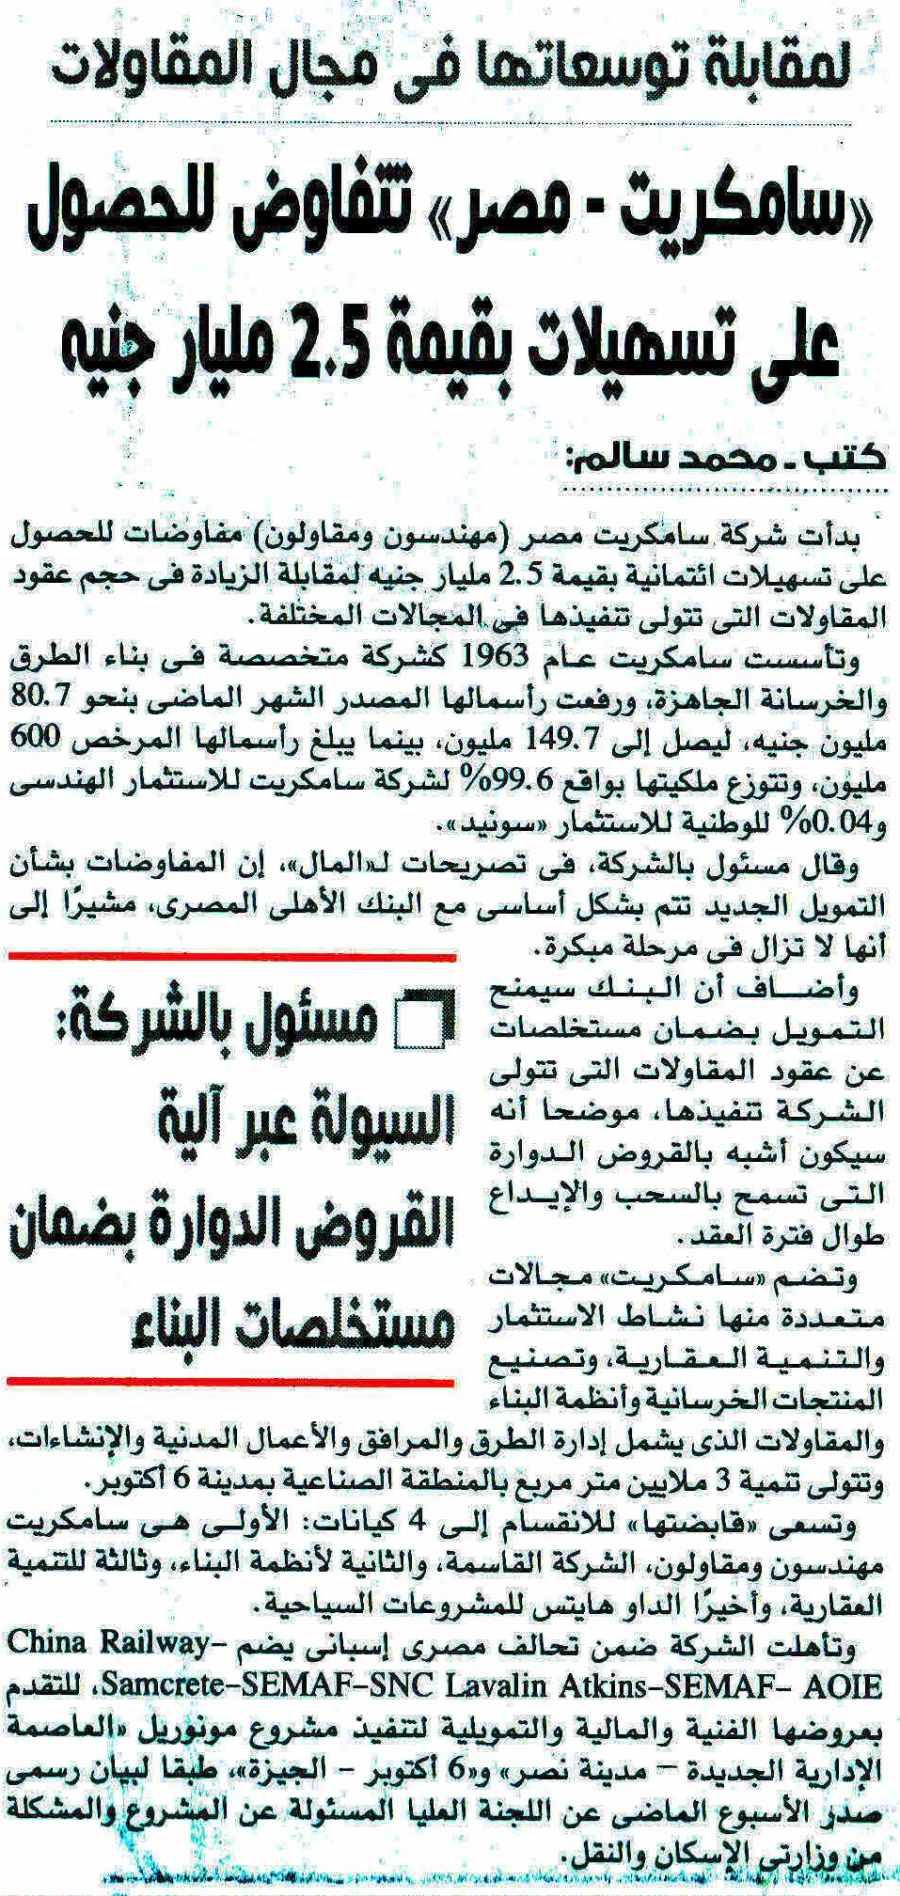 Al Mal 11 March P.1 (2)